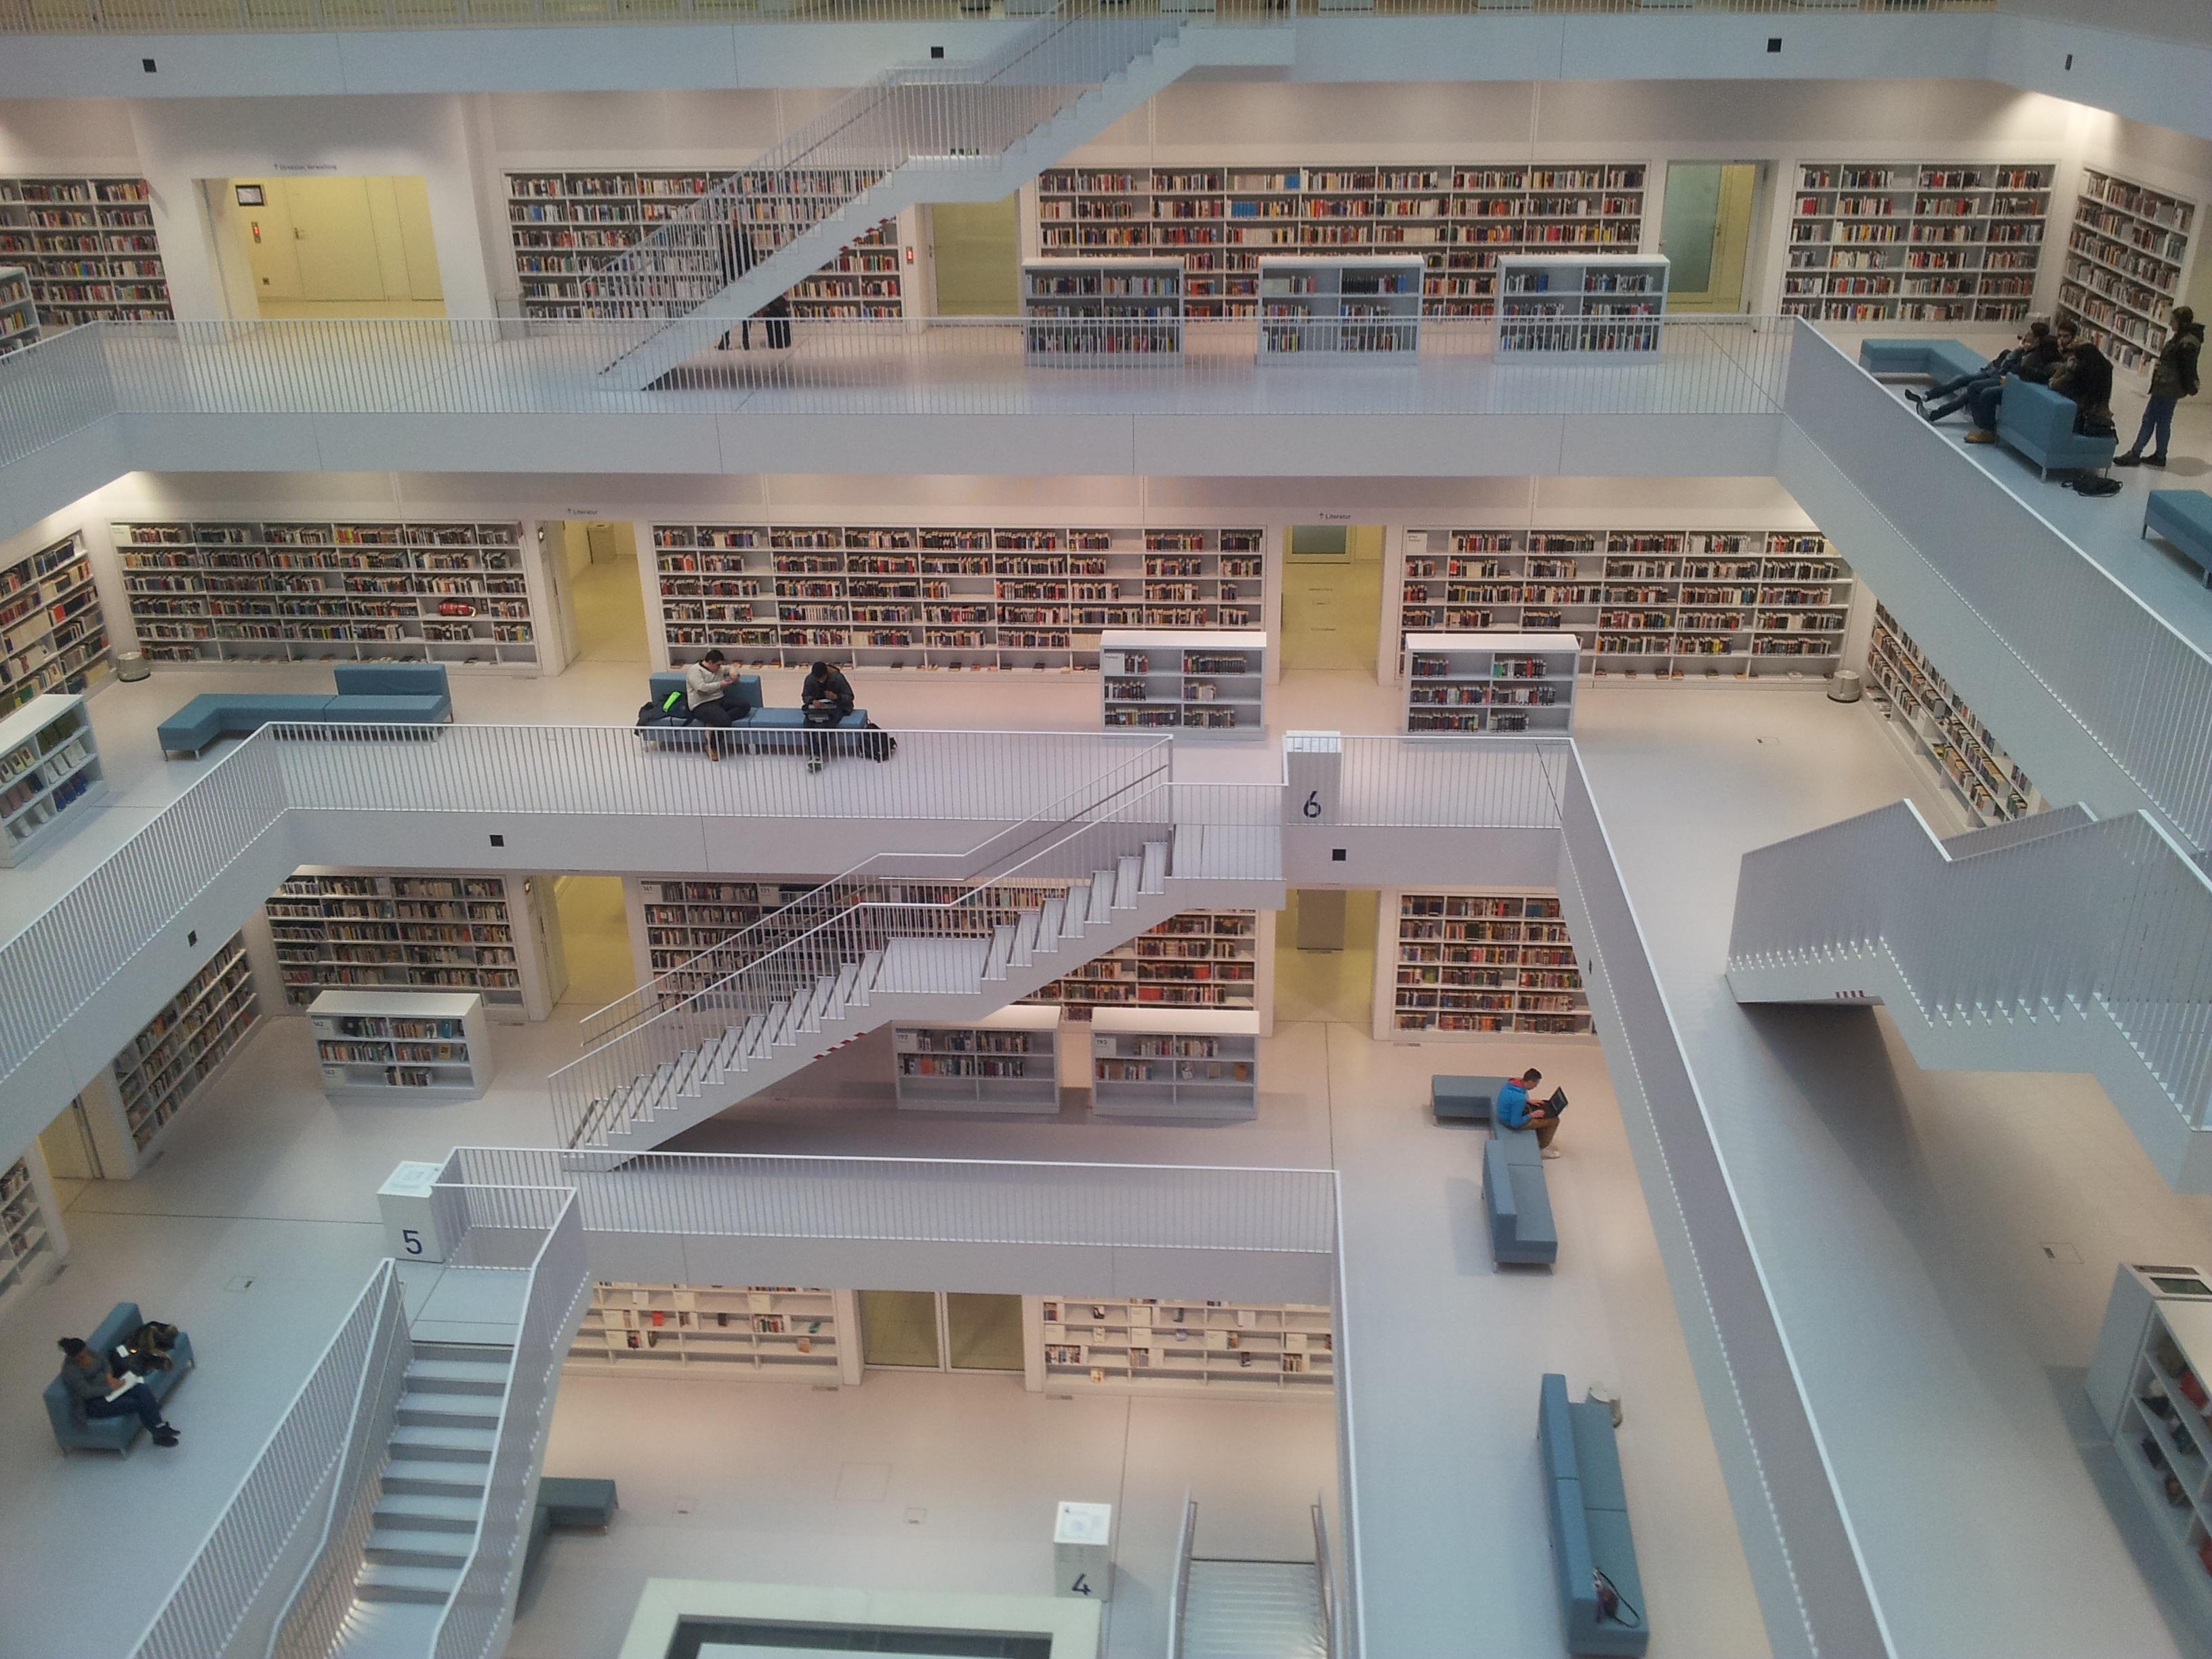 Дизайн архитектура книги скачать